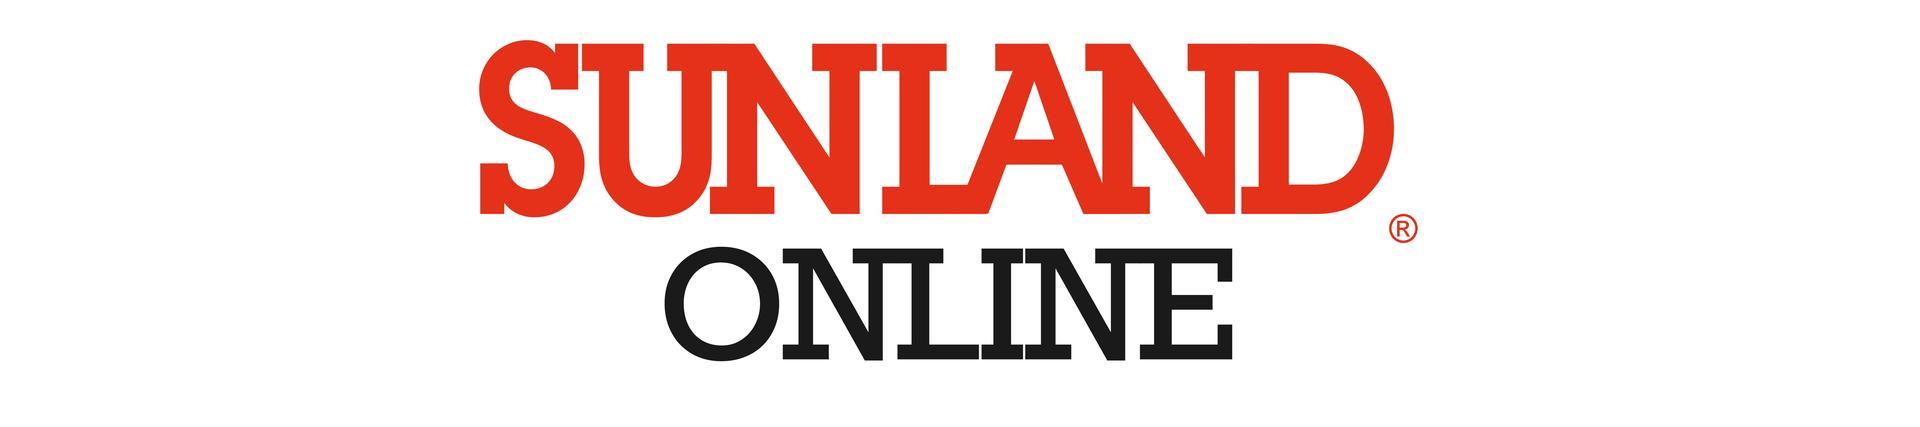 Sunland online